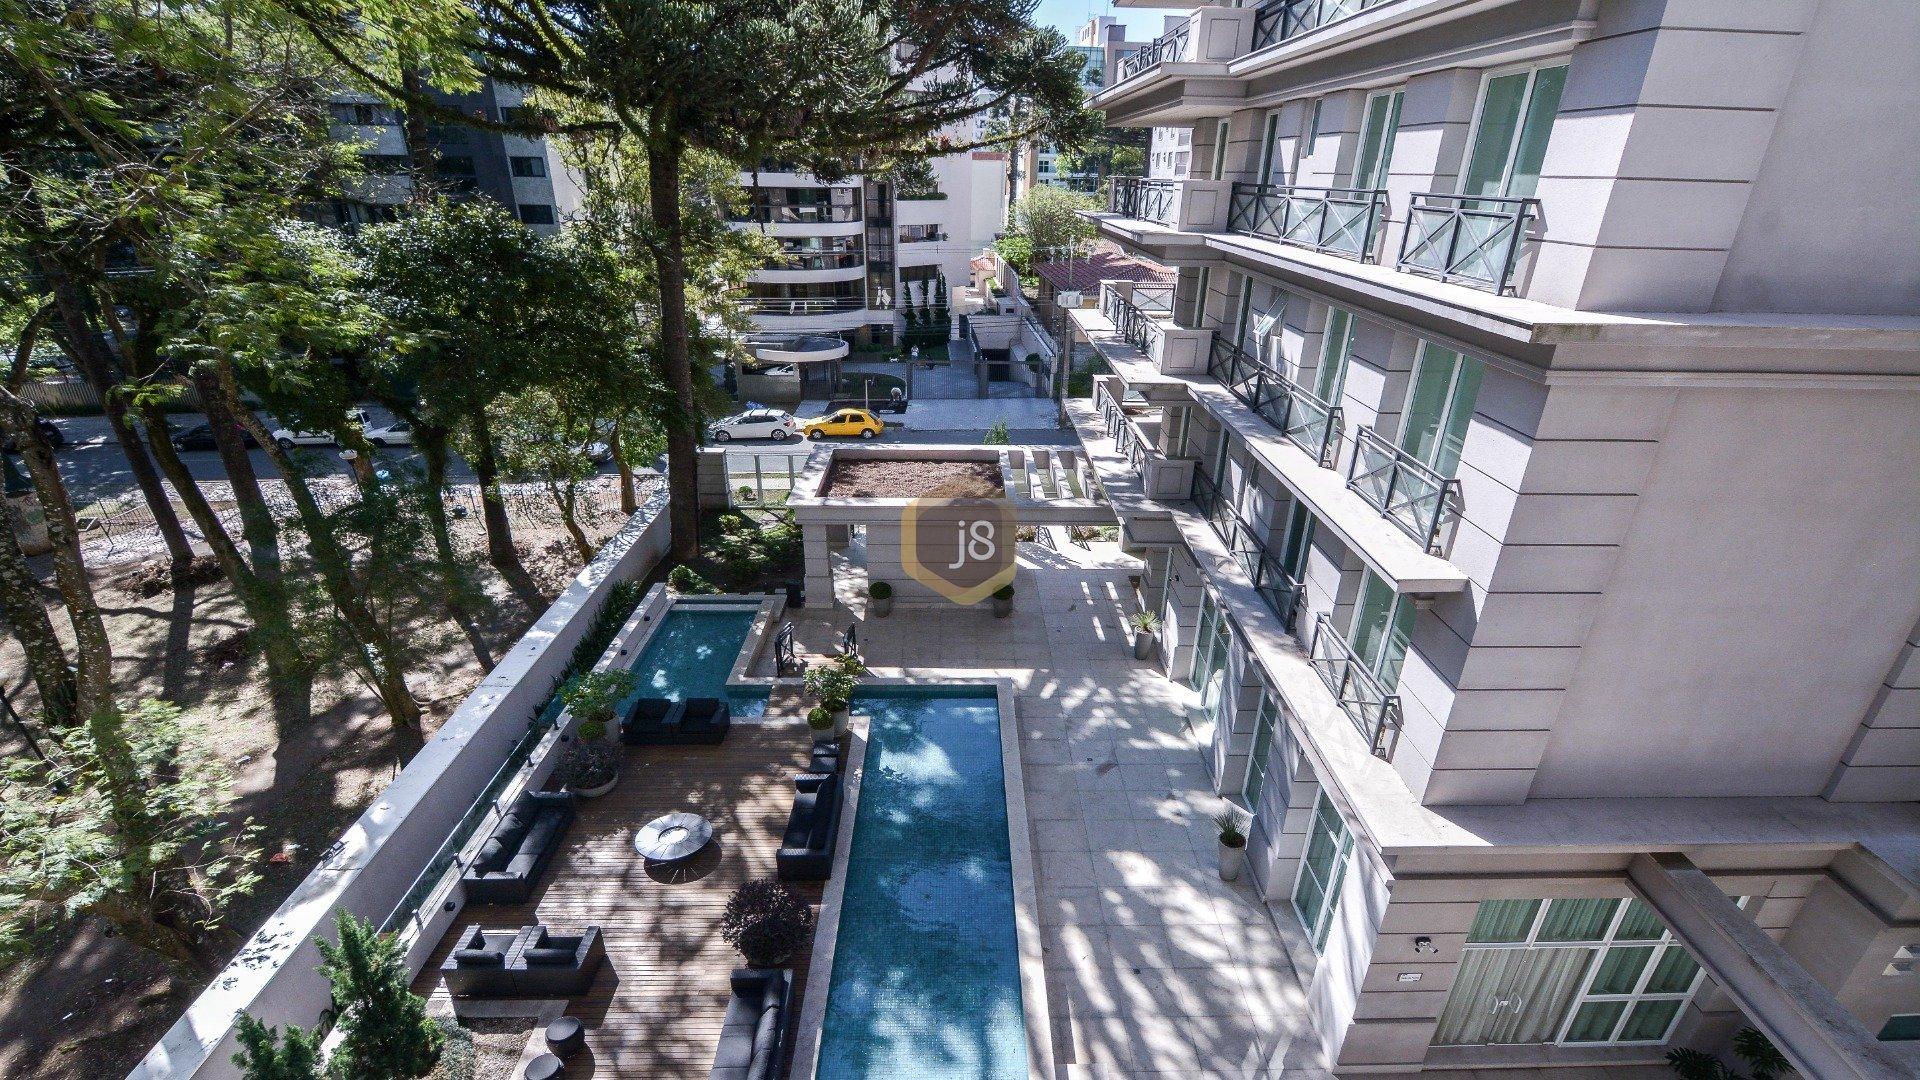 Foto de destaque Apartamento perfeito para quem quer morar perto do graciosa